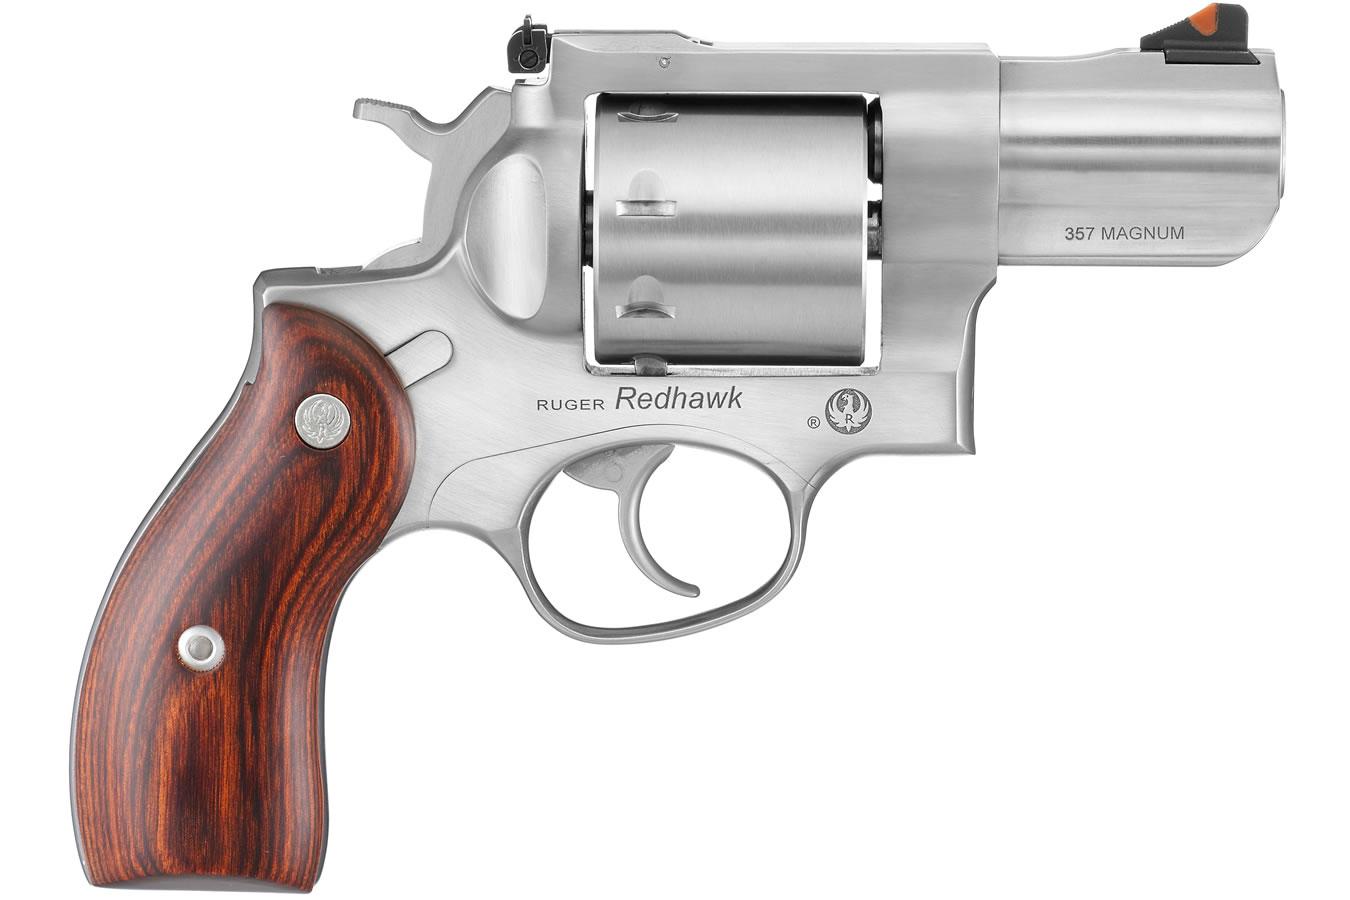 Model 5033 Ruger Redhawk .357 Magnum